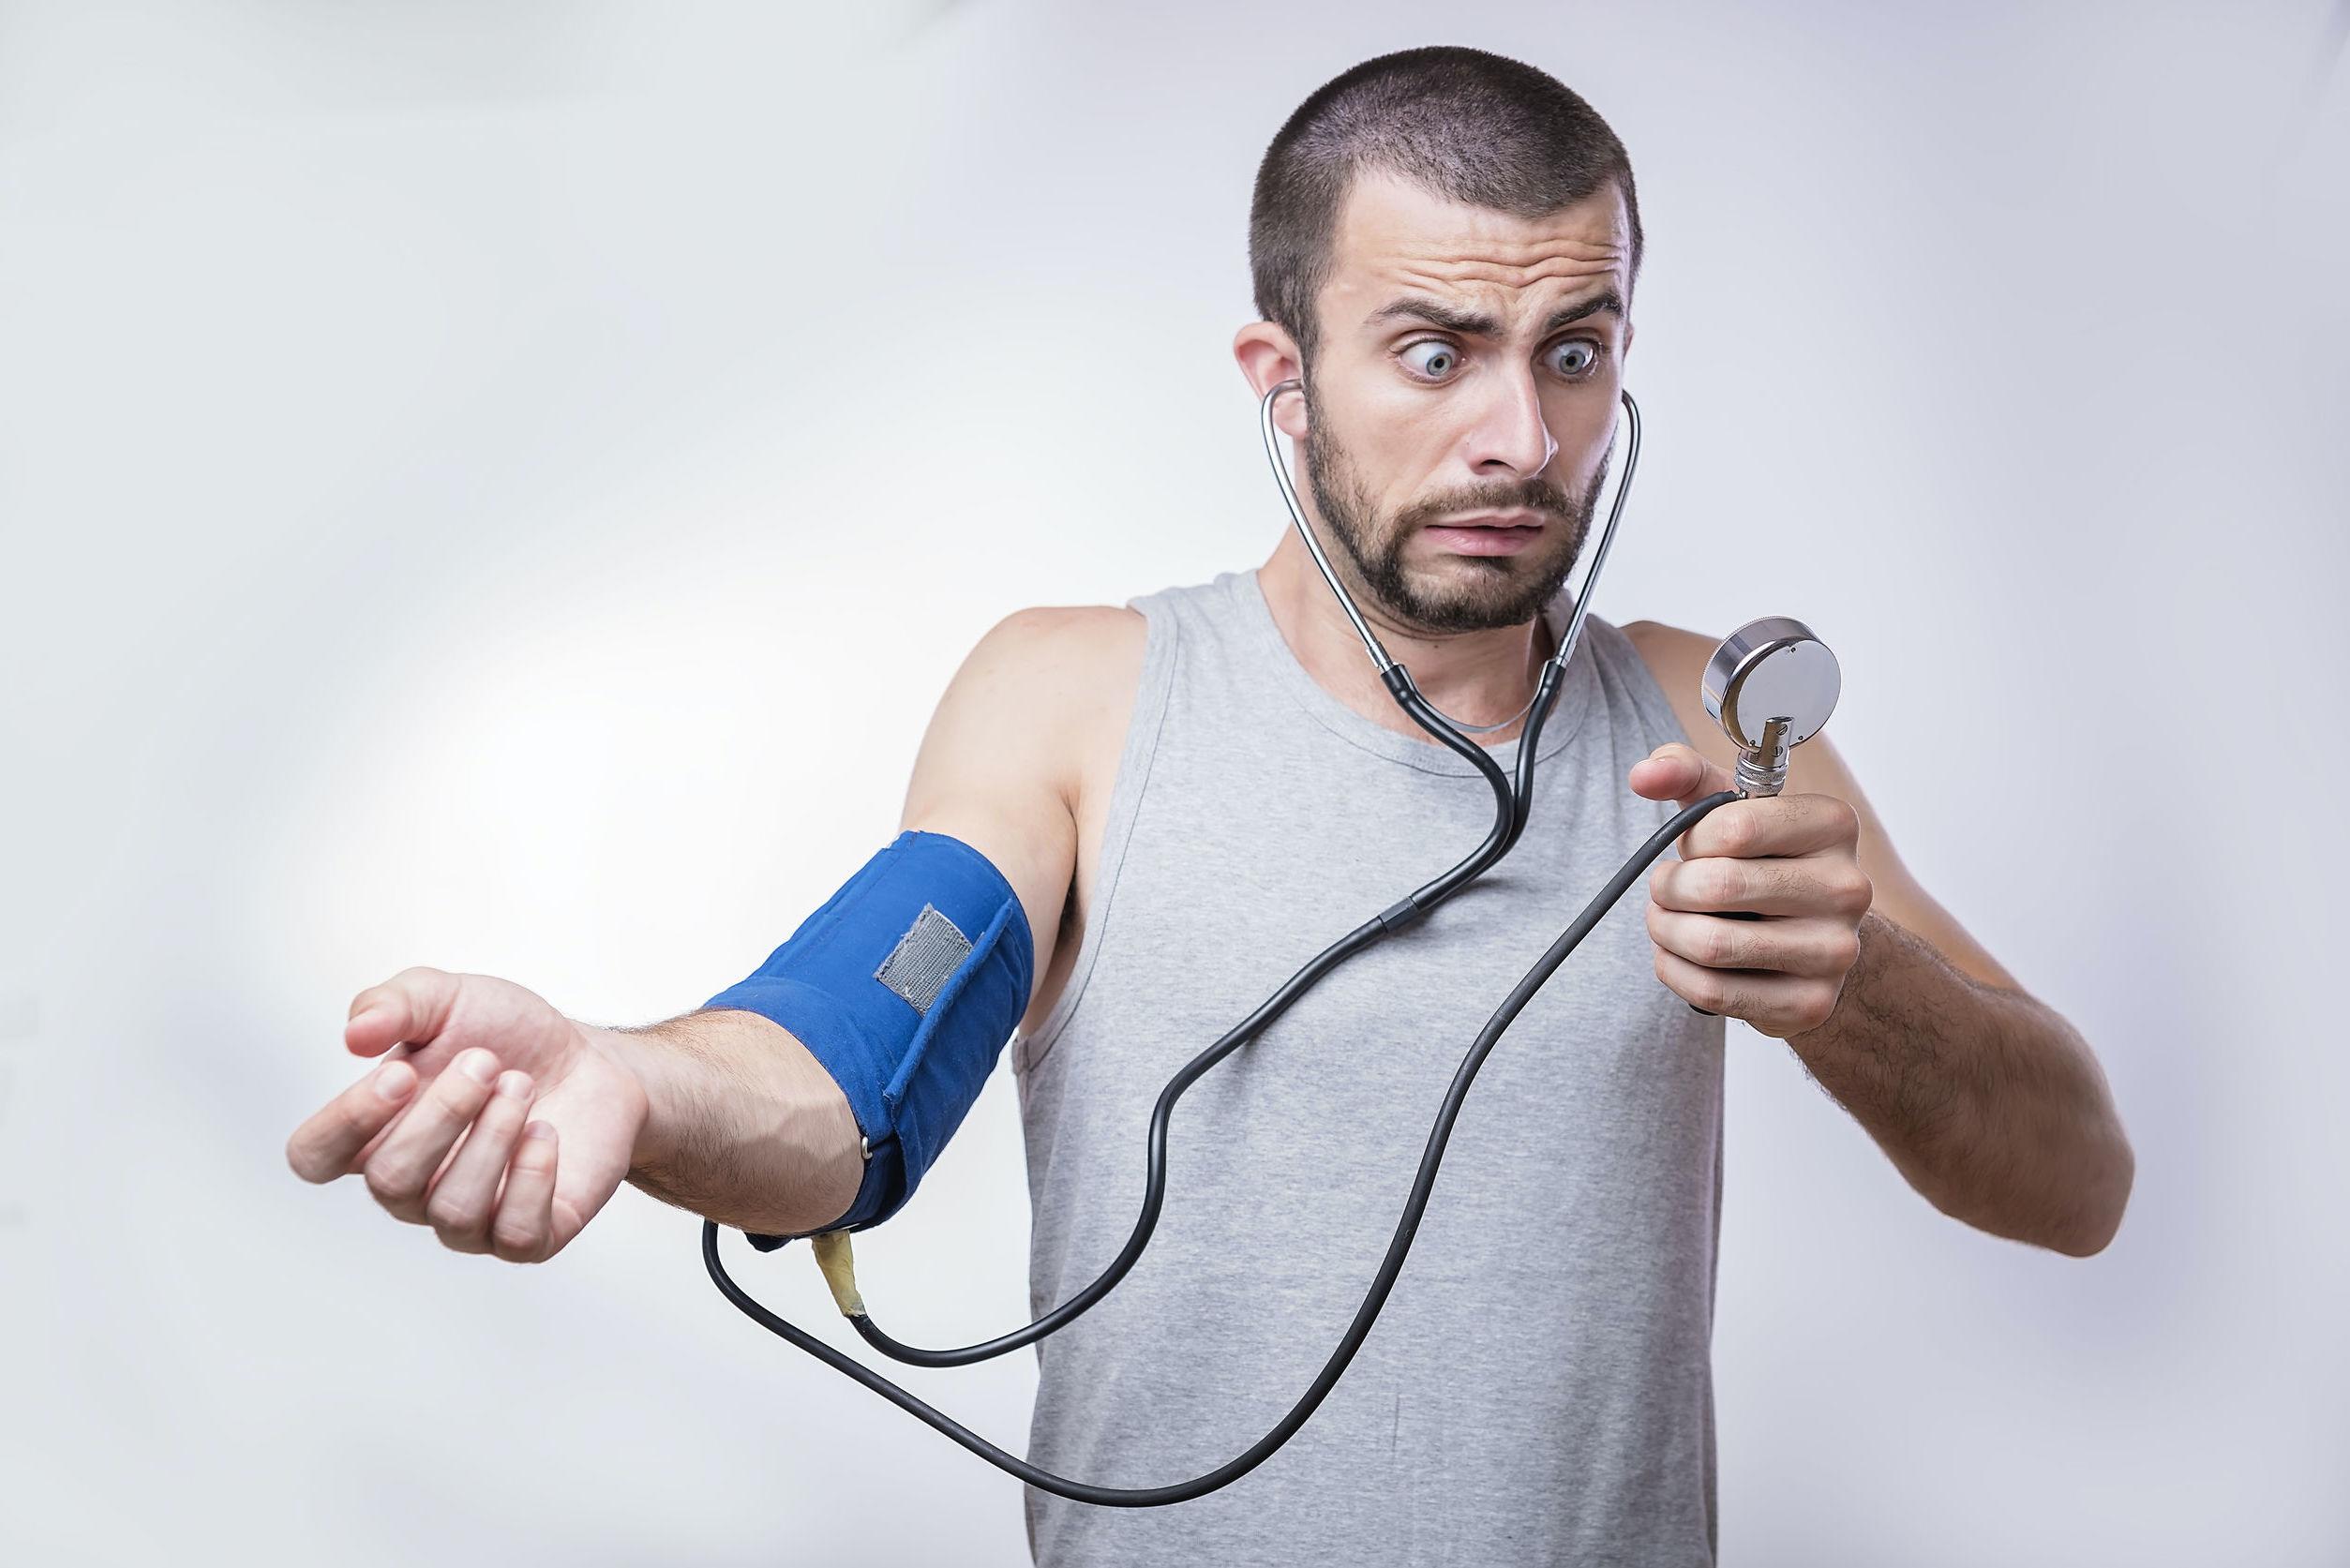 lehetséges-e mildronátot használni magas vérnyomás esetén